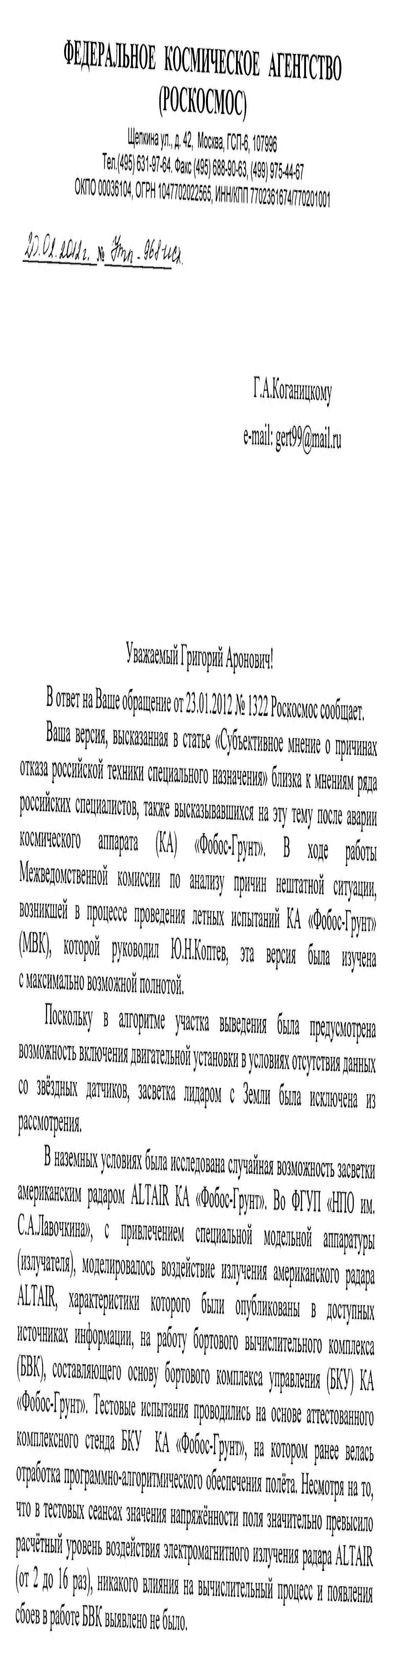 Как уронили фобос-грунт. открытое письмо на ответ, полученный из федеральное космическое агентство (роскосмос).